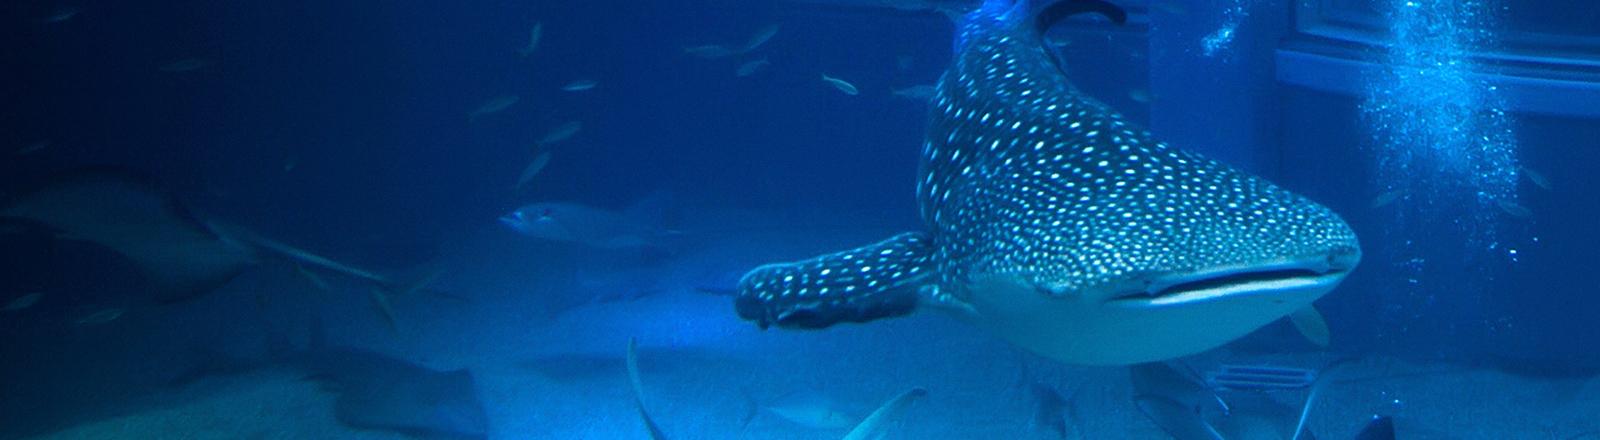 Größtes Becken im Aquarium Osaka: ASIEN, JAPAN, OSAKA, 18.12.2013: Das Kaiyukan in Osaka ist eines der größten Aquarien der Welt. In 16 Bassins mit mehr als 11.000 Tonnen Wasser können seit der Eröffnung 1990 mehr als 30.000 Lebewesen aus 580 verschiedenen Arten von Vögeln, Fischen, Säugetieren und Reptilien aus der ganzen Welt betrachtet werden. Das größte Becken im Kaiyuukan ist das Herzstück des Aquariums. Mehr als fünf Millionen Liter Wasser verteilen sich über eine Höhe von neun Metern hinter mehreren Stockwerken mit bis zu sechs Meter breiten Fenstern aus 30cm dicken Plexiglas. Highlight des Beckens ist ein Walhai, der größte Fisch